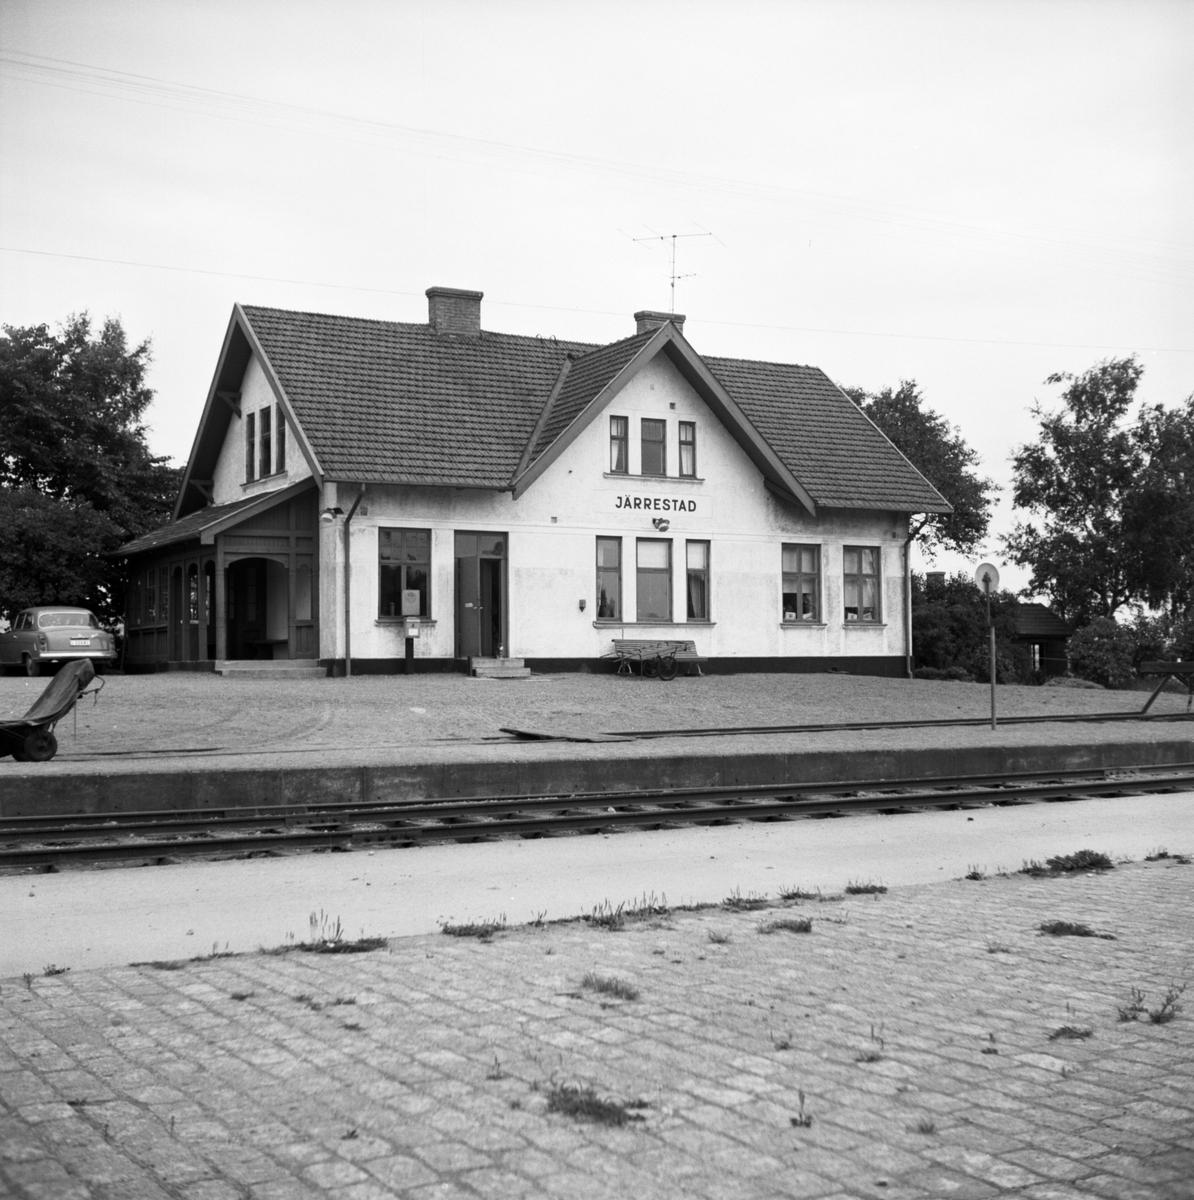 Simrishamn - Tommelilla Järnväg, CTJ,  Järrestad station.